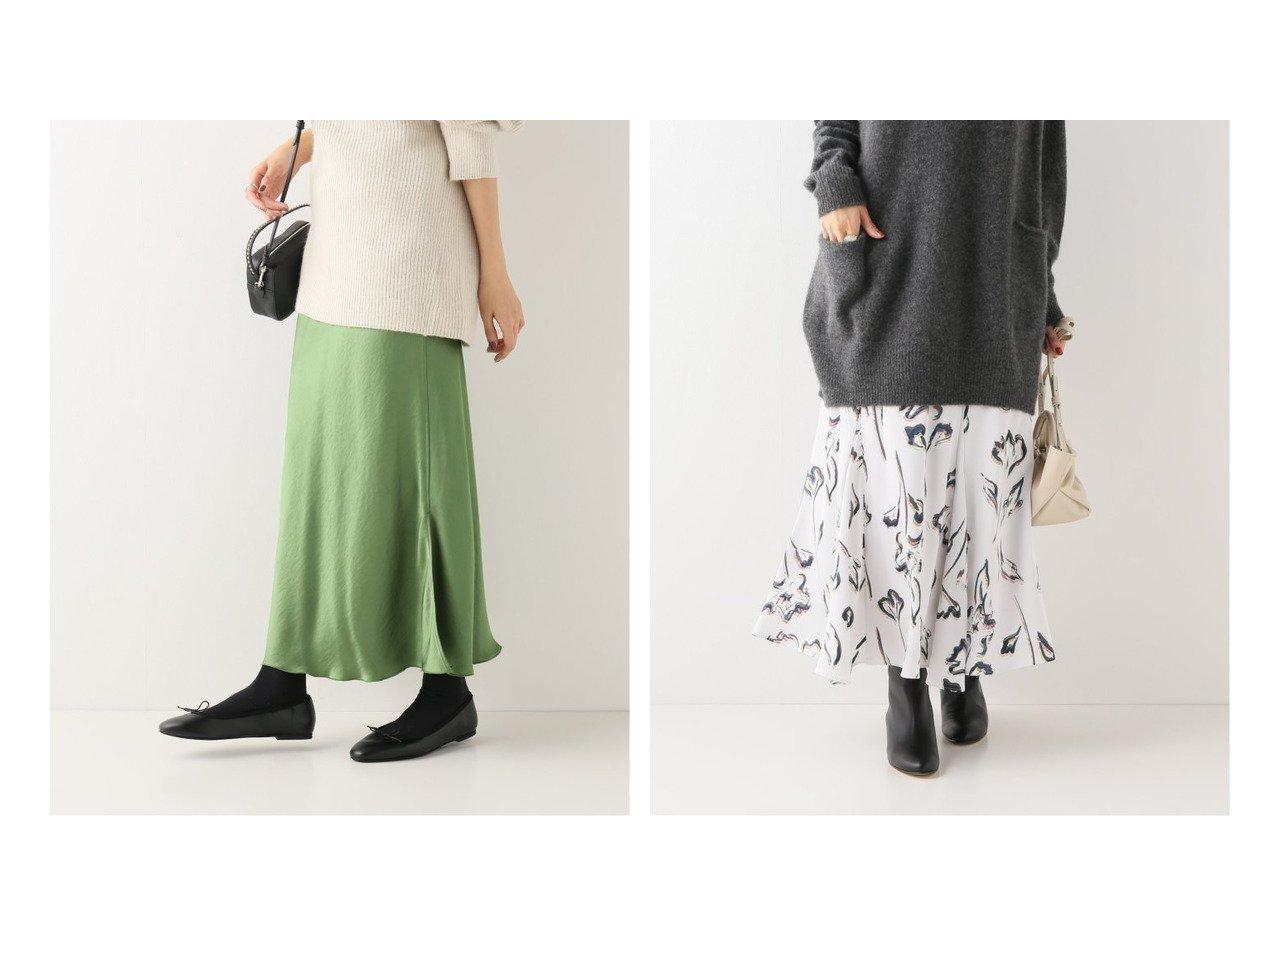 【IENA/イエナ】のフラワーアートプリント フレアスカート&《追加2》サテンスリットスカート スカートのおすすめ!人気トレンド・レディースファッションの通販 おすすめで人気の流行・トレンド、ファッションの通販商品 メンズファッション・キッズファッション・インテリア・家具・レディースファッション・服の通販 founy(ファニー) https://founy.com/ ファッション Fashion レディースファッション WOMEN スカート Skirt Aライン/フレアスカート Flared A-Line Skirts A/W 秋冬 Autumn &  Winter サテン ストレッチ スリット バイアス ワッシャー 春 フラワー フレア プリント ロング |ID:crp329100000008979